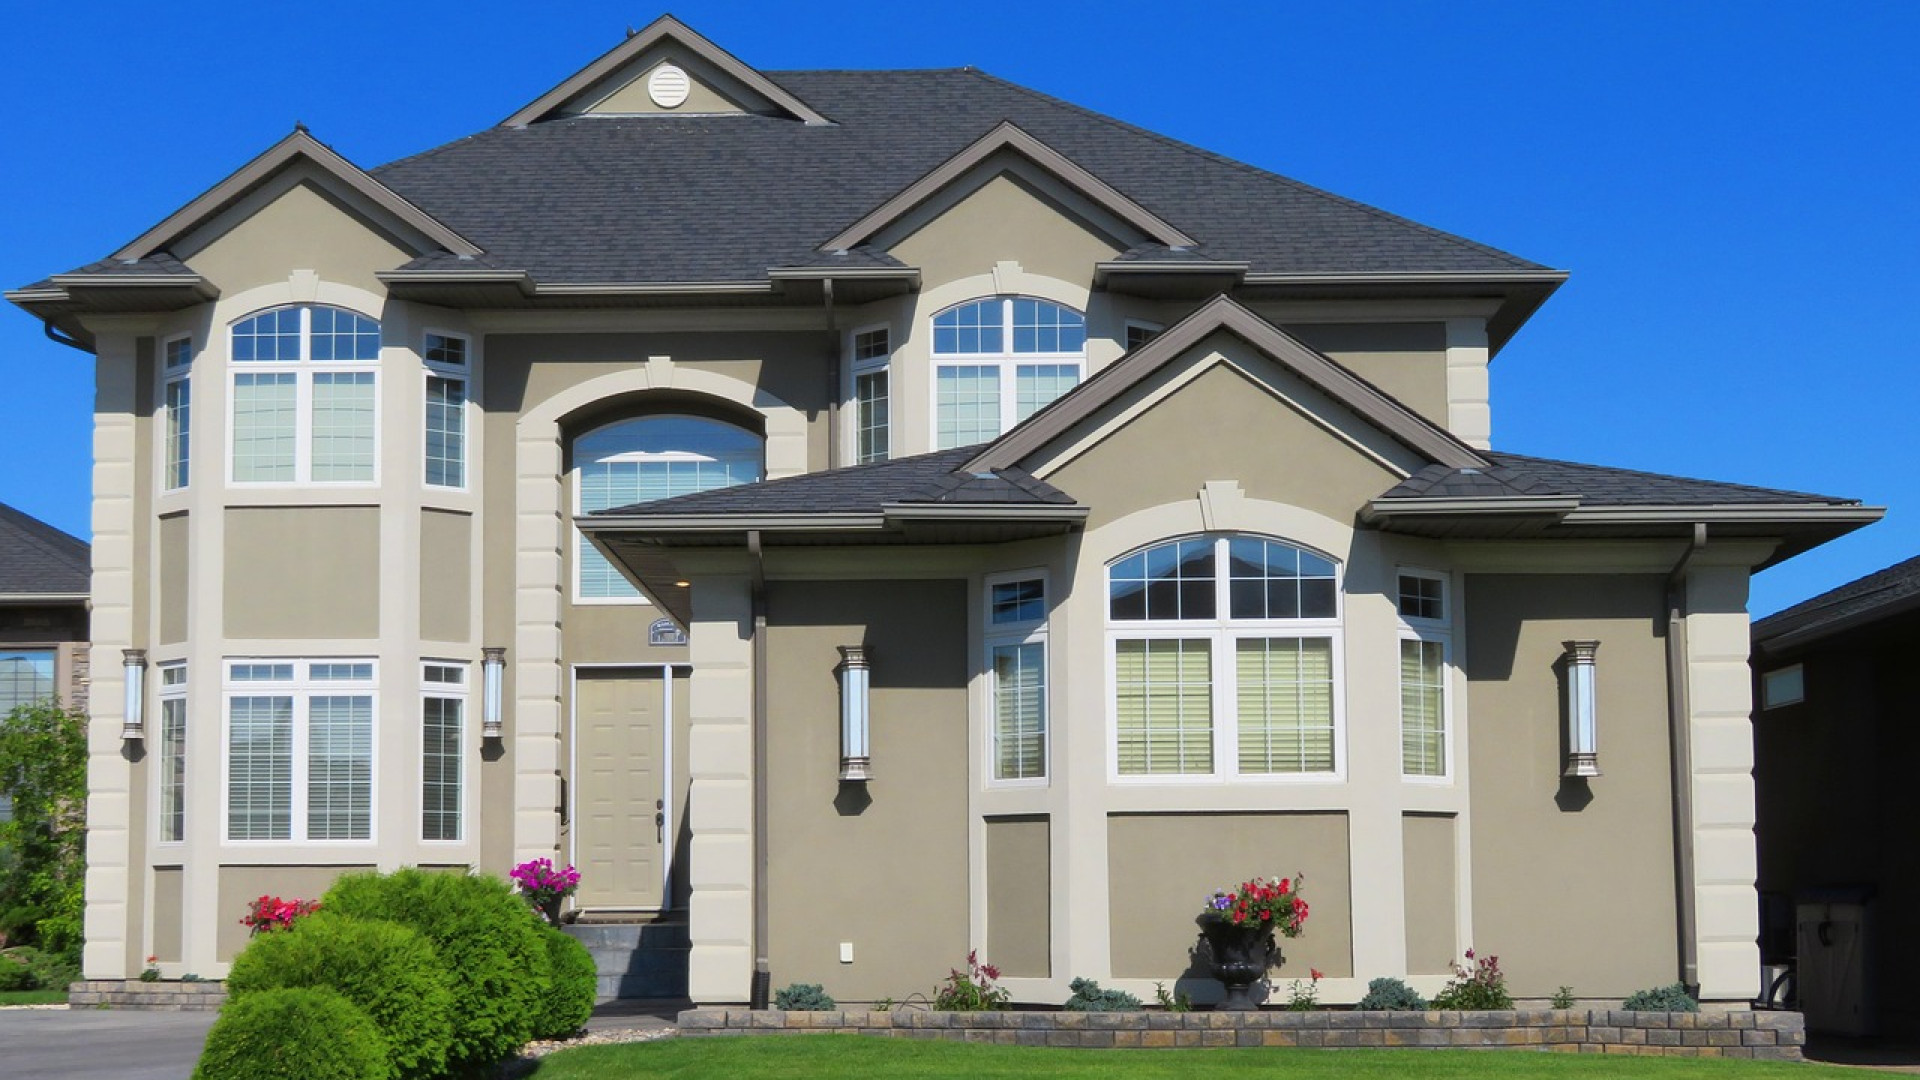 Quelles sont les questions poser pour une maison de for Quel budget pour construire une maison